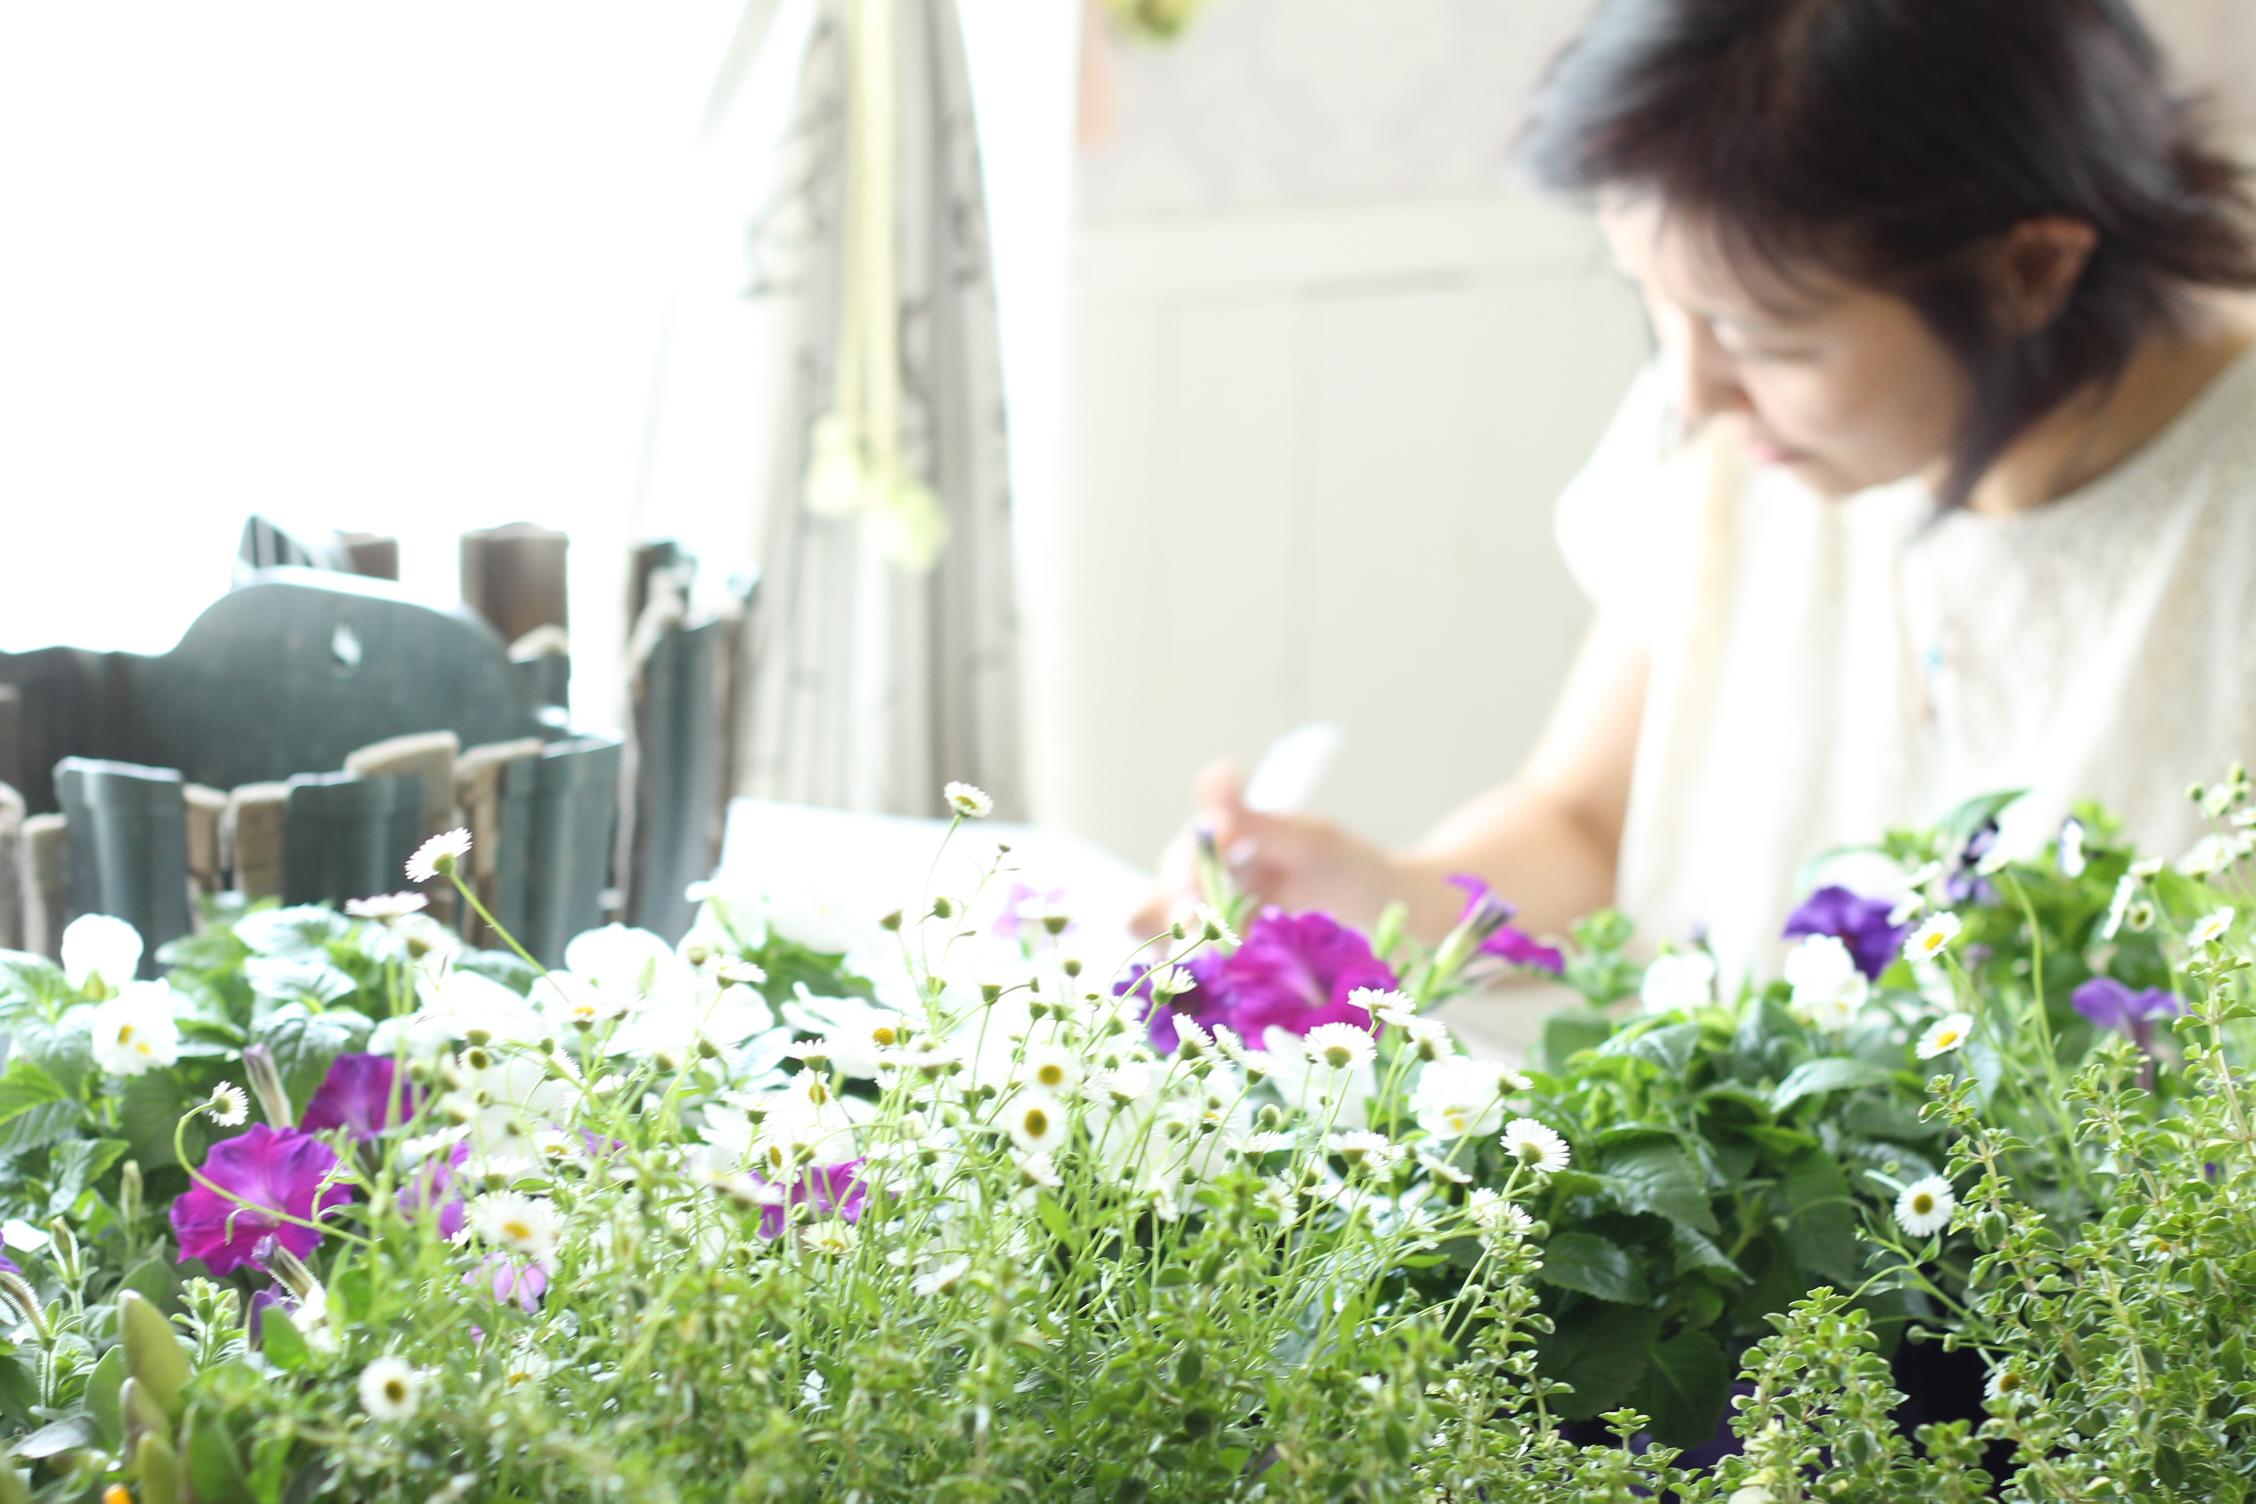 植物枯らしてばかり…から卒業しよう!初心者ガーデニングクラス【YouTube】